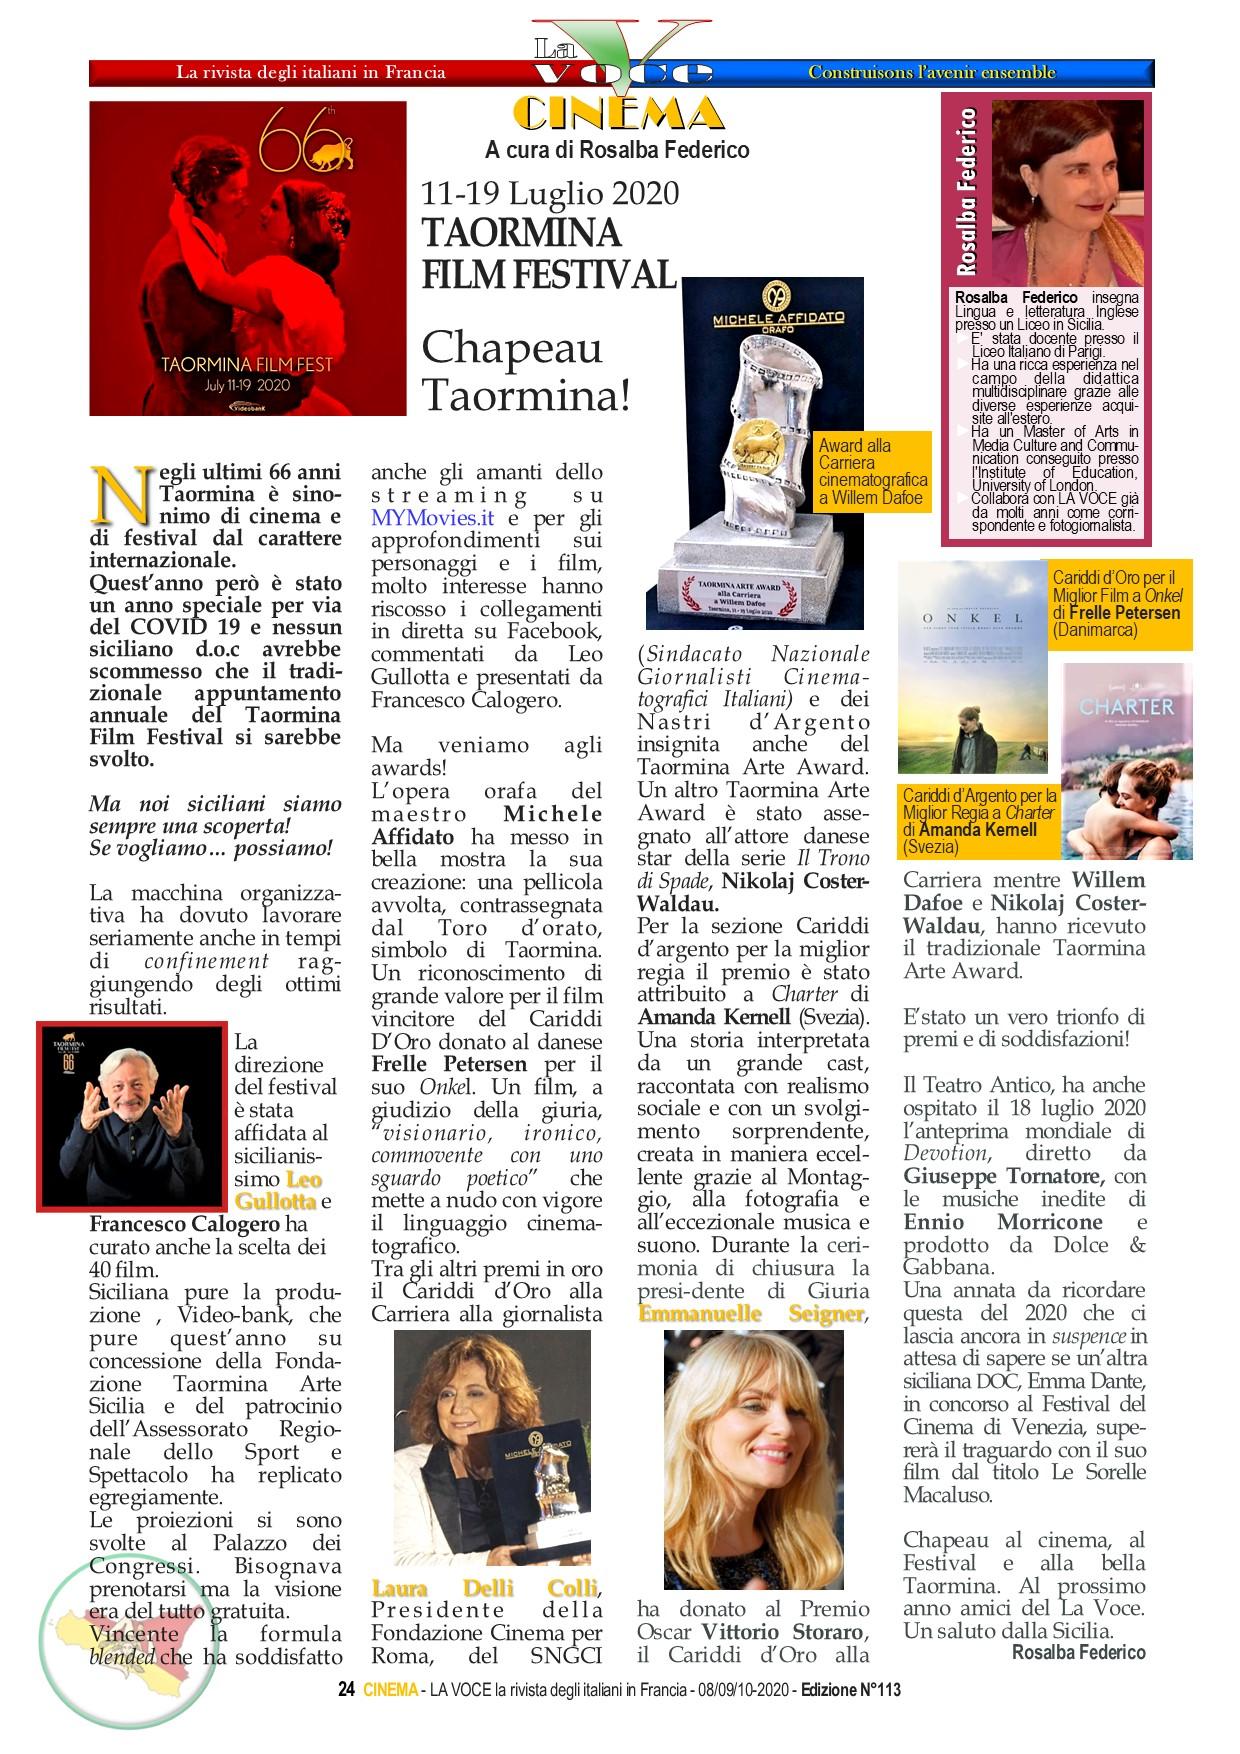 24 TAORMINA Cinema lv113.jpg